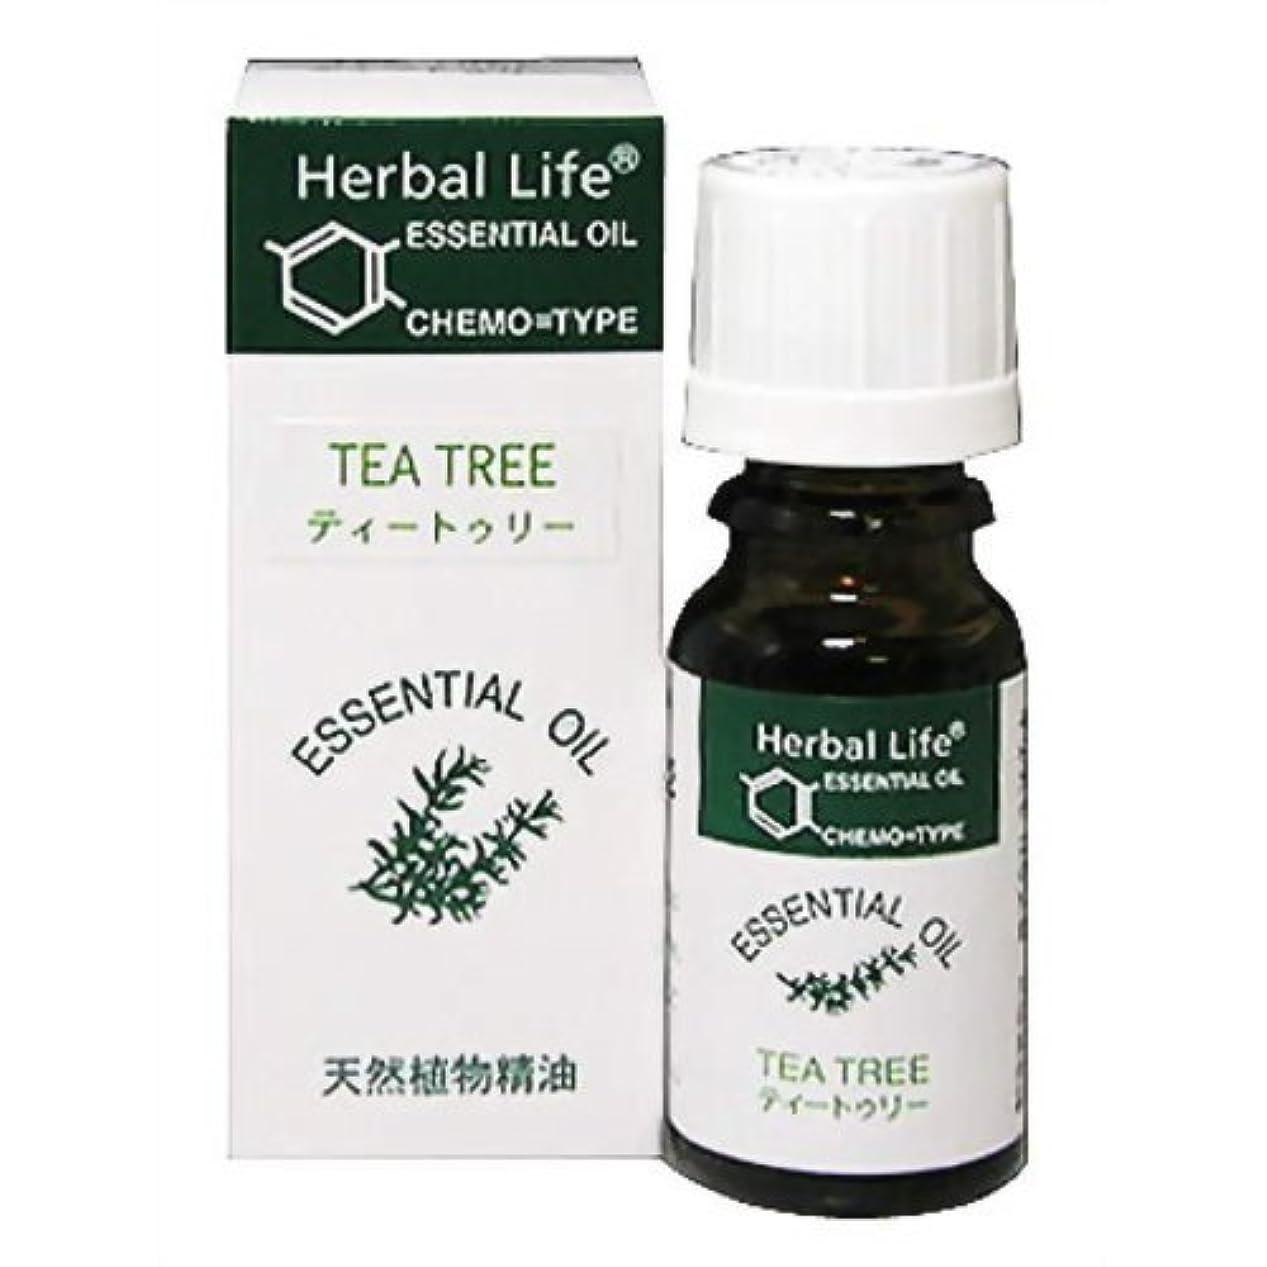 隣接する公爵精緻化Herbal Life ティートゥリー 10ml